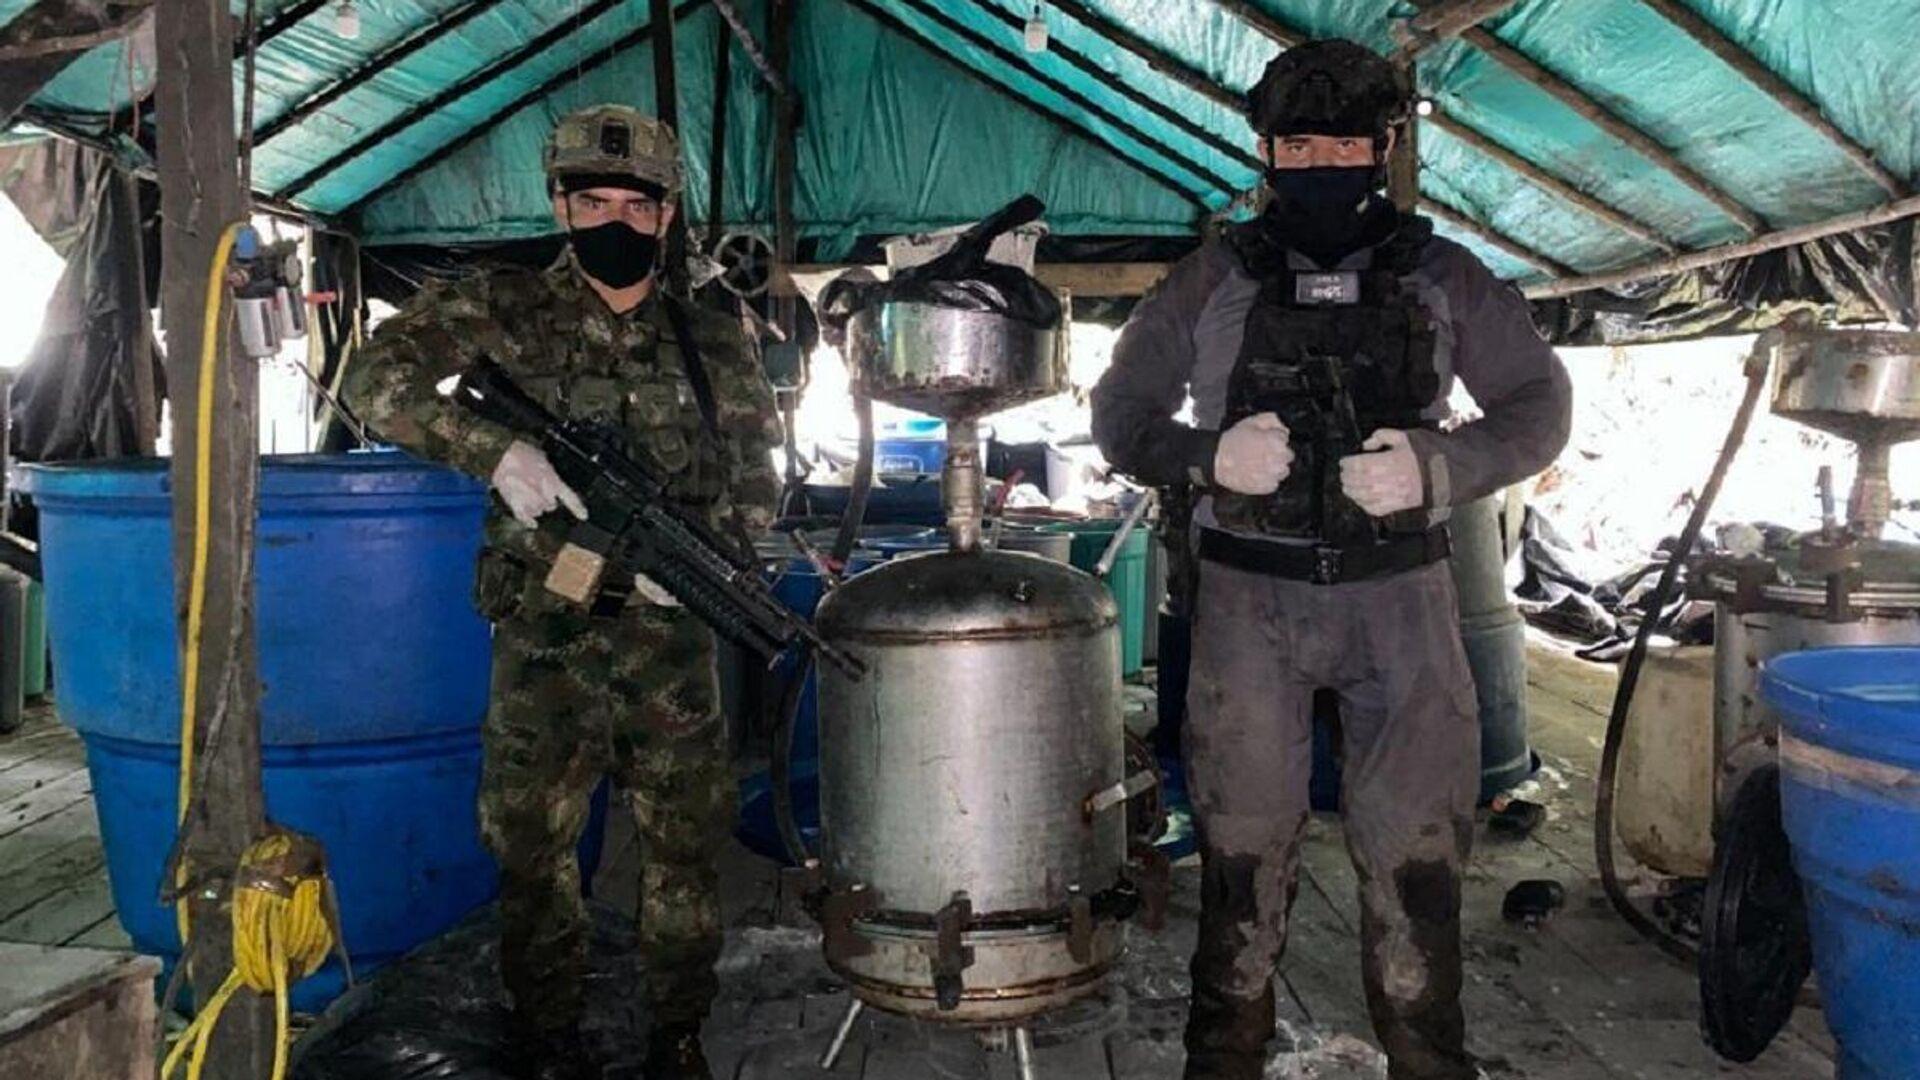 Incautación de cocaína y destrucción de laboratorios en Colombia - Sputnik Mundo, 1920, 29.06.2021